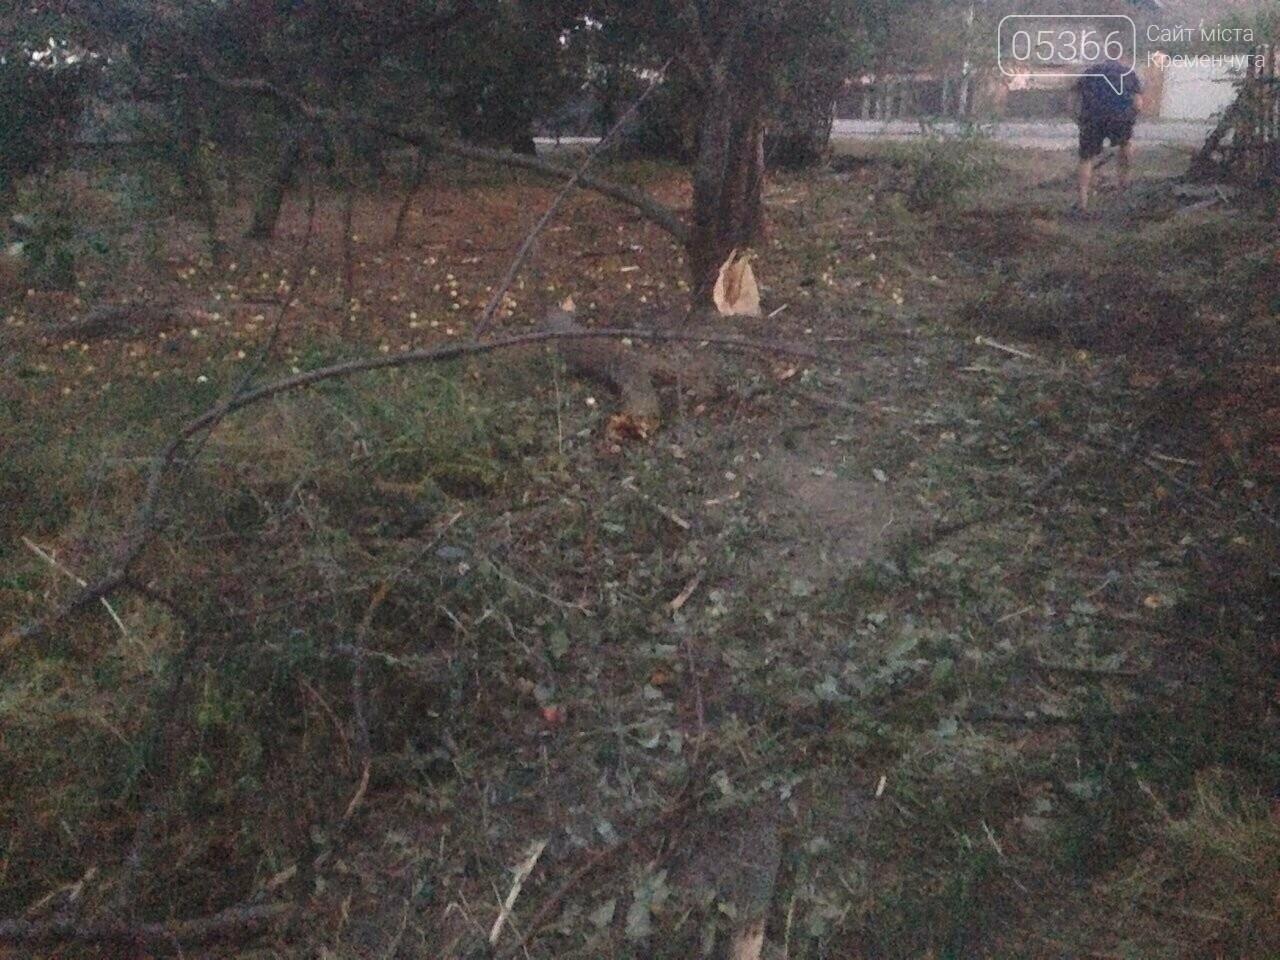 У Кременчуцькому районі сталася смертельна ДТП: пасажир помер в лікарні, фото-3